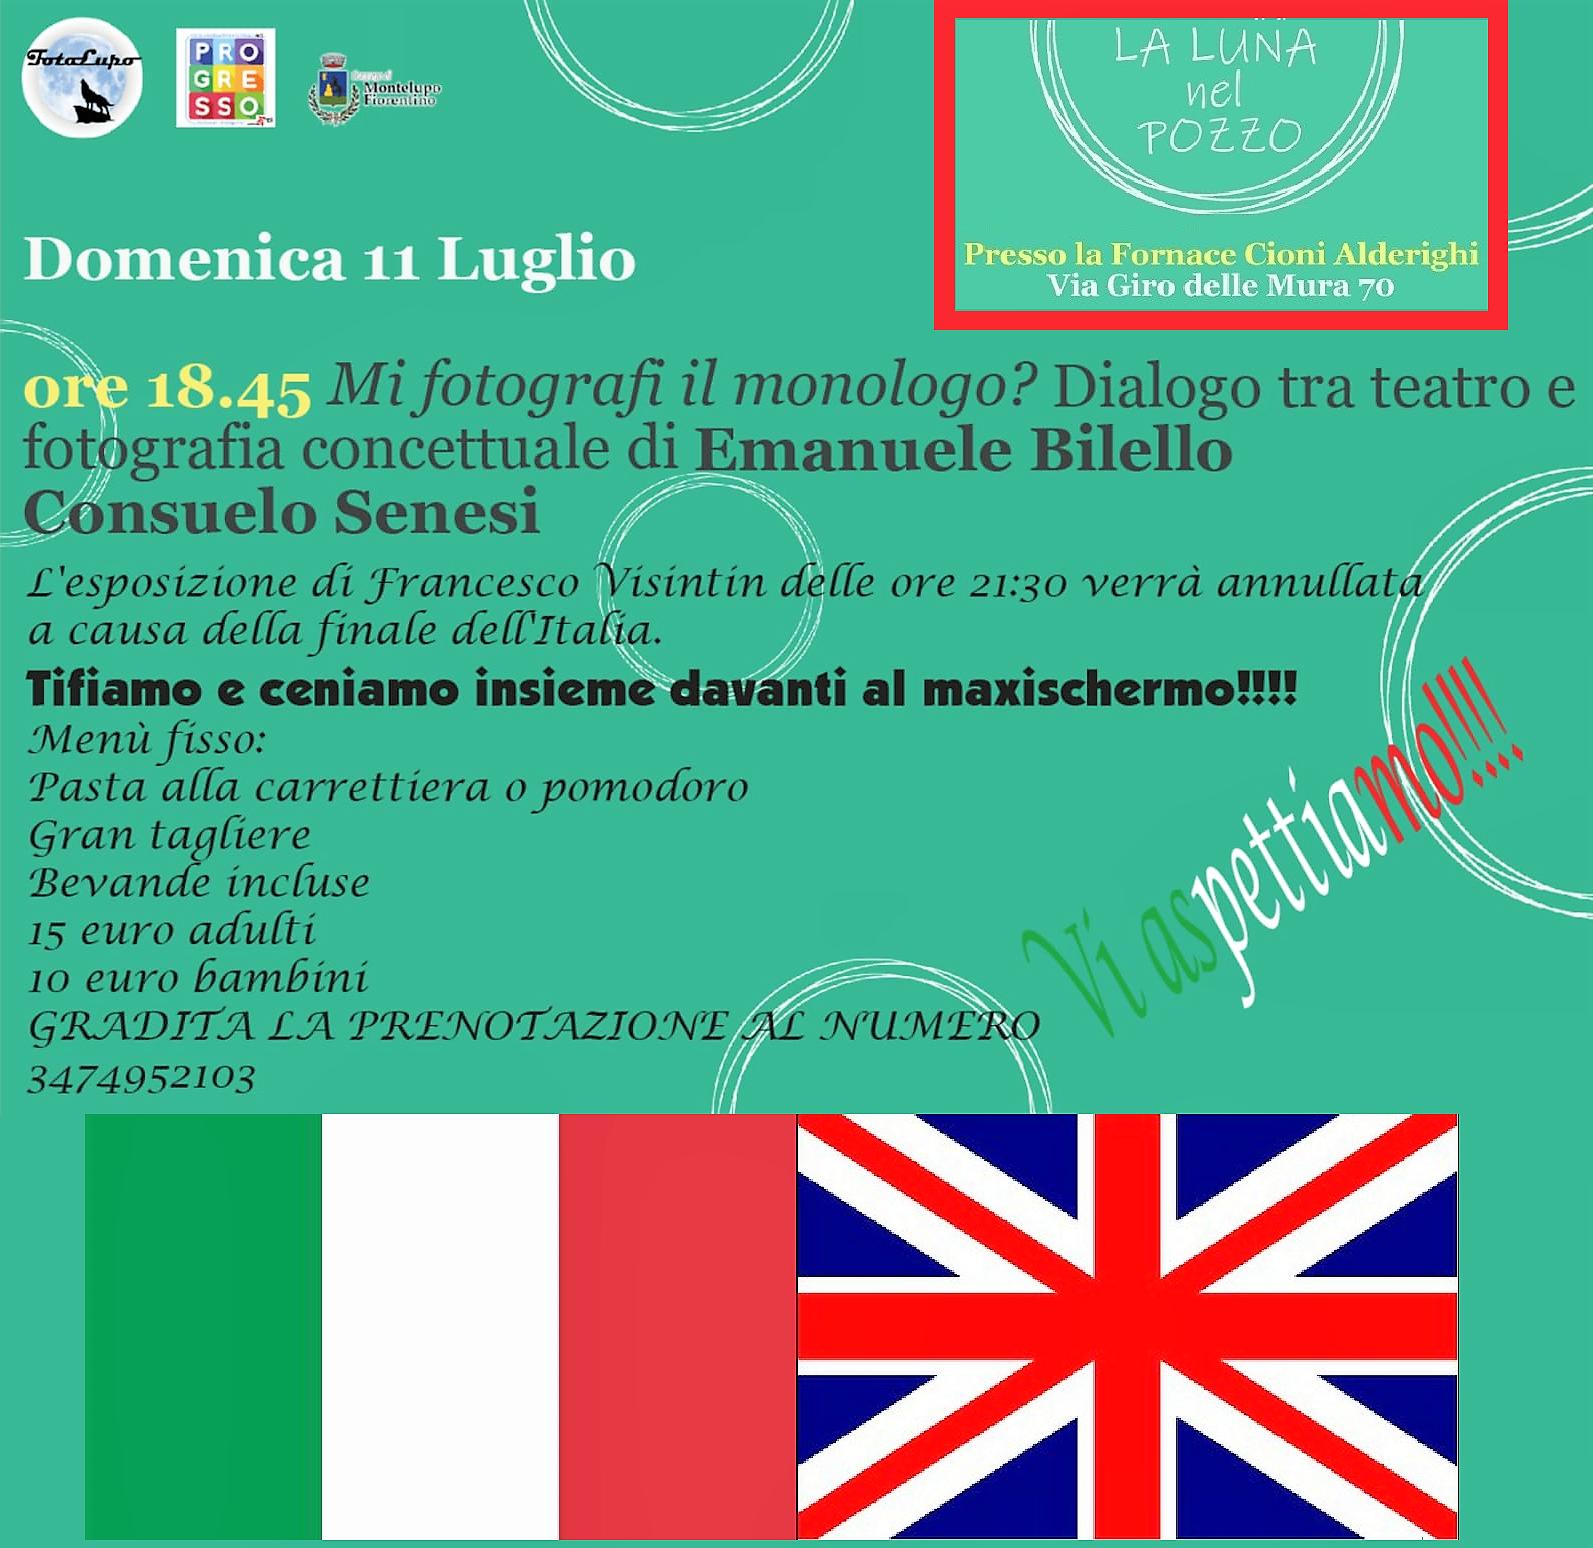 Luna nel pozzo 11 luglio 2021: foto, cena e Italia-Inghilterra